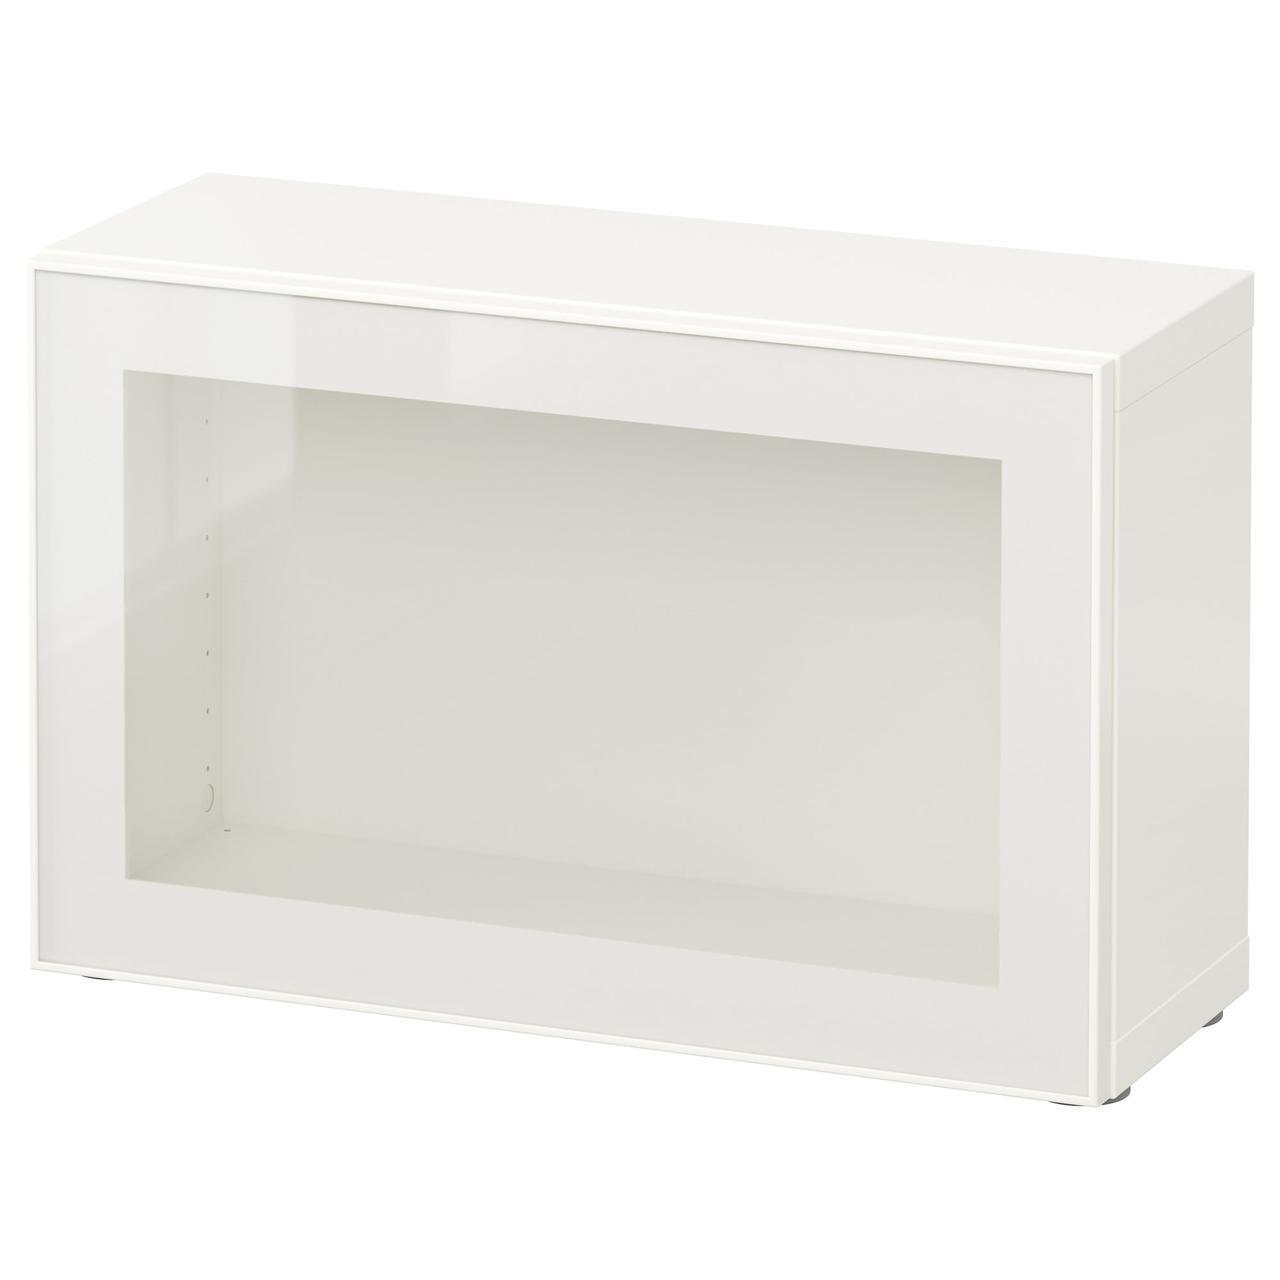 IKEA BESTA Стеллаж с дверями, белый, Глассвик Белое/прозрачное стекло  (290.466.39)